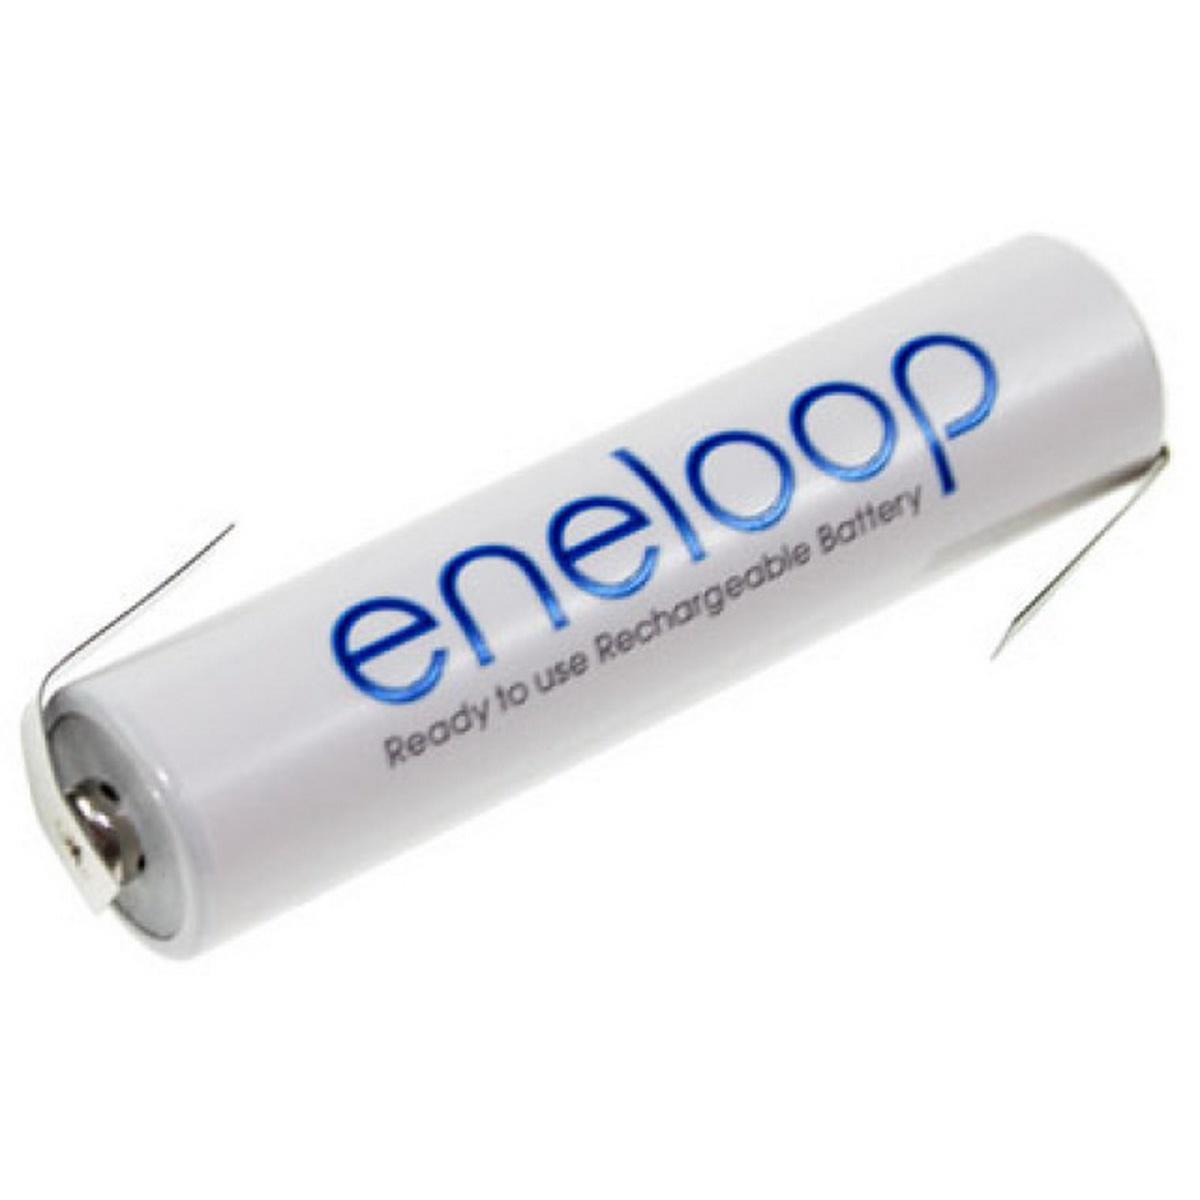 Eneloop Micro 750mAh mit Lötfahne